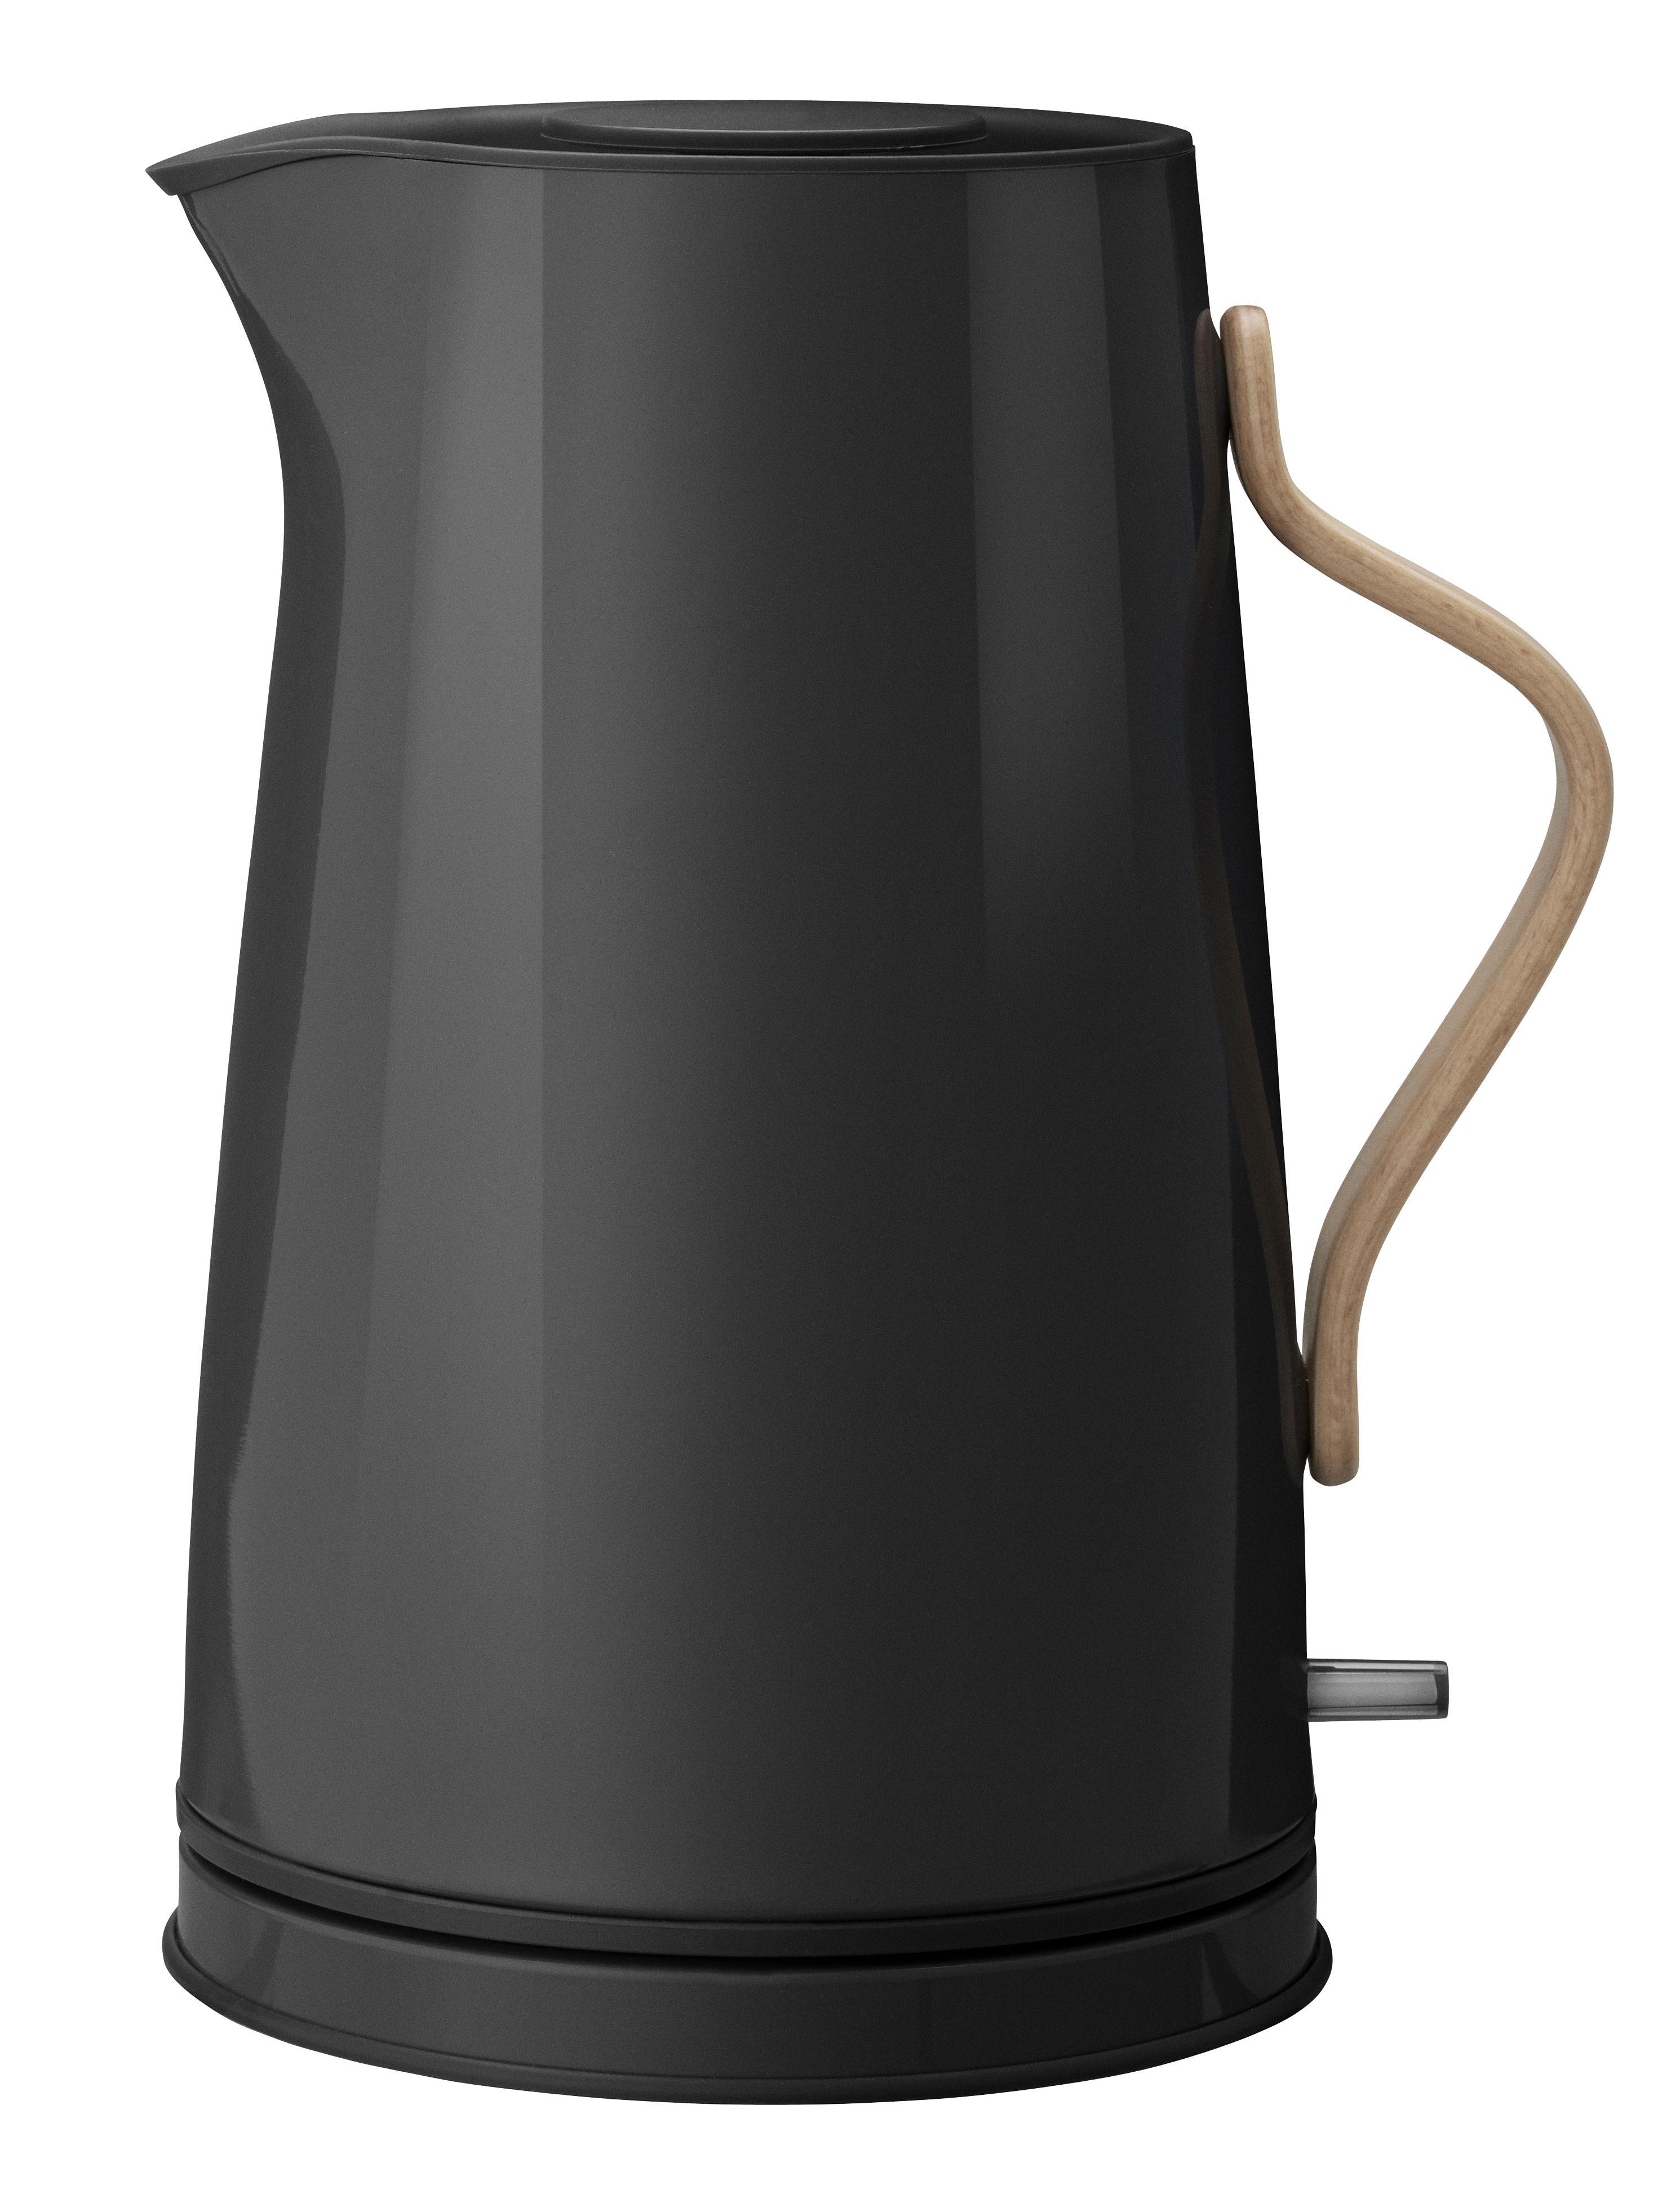 Arts de la table - Thé et café - Bouilloire électrique Emma / 1,2 L - Bois & métal - Stelton - Noir & bois - Acier inoxydable, Hêtre